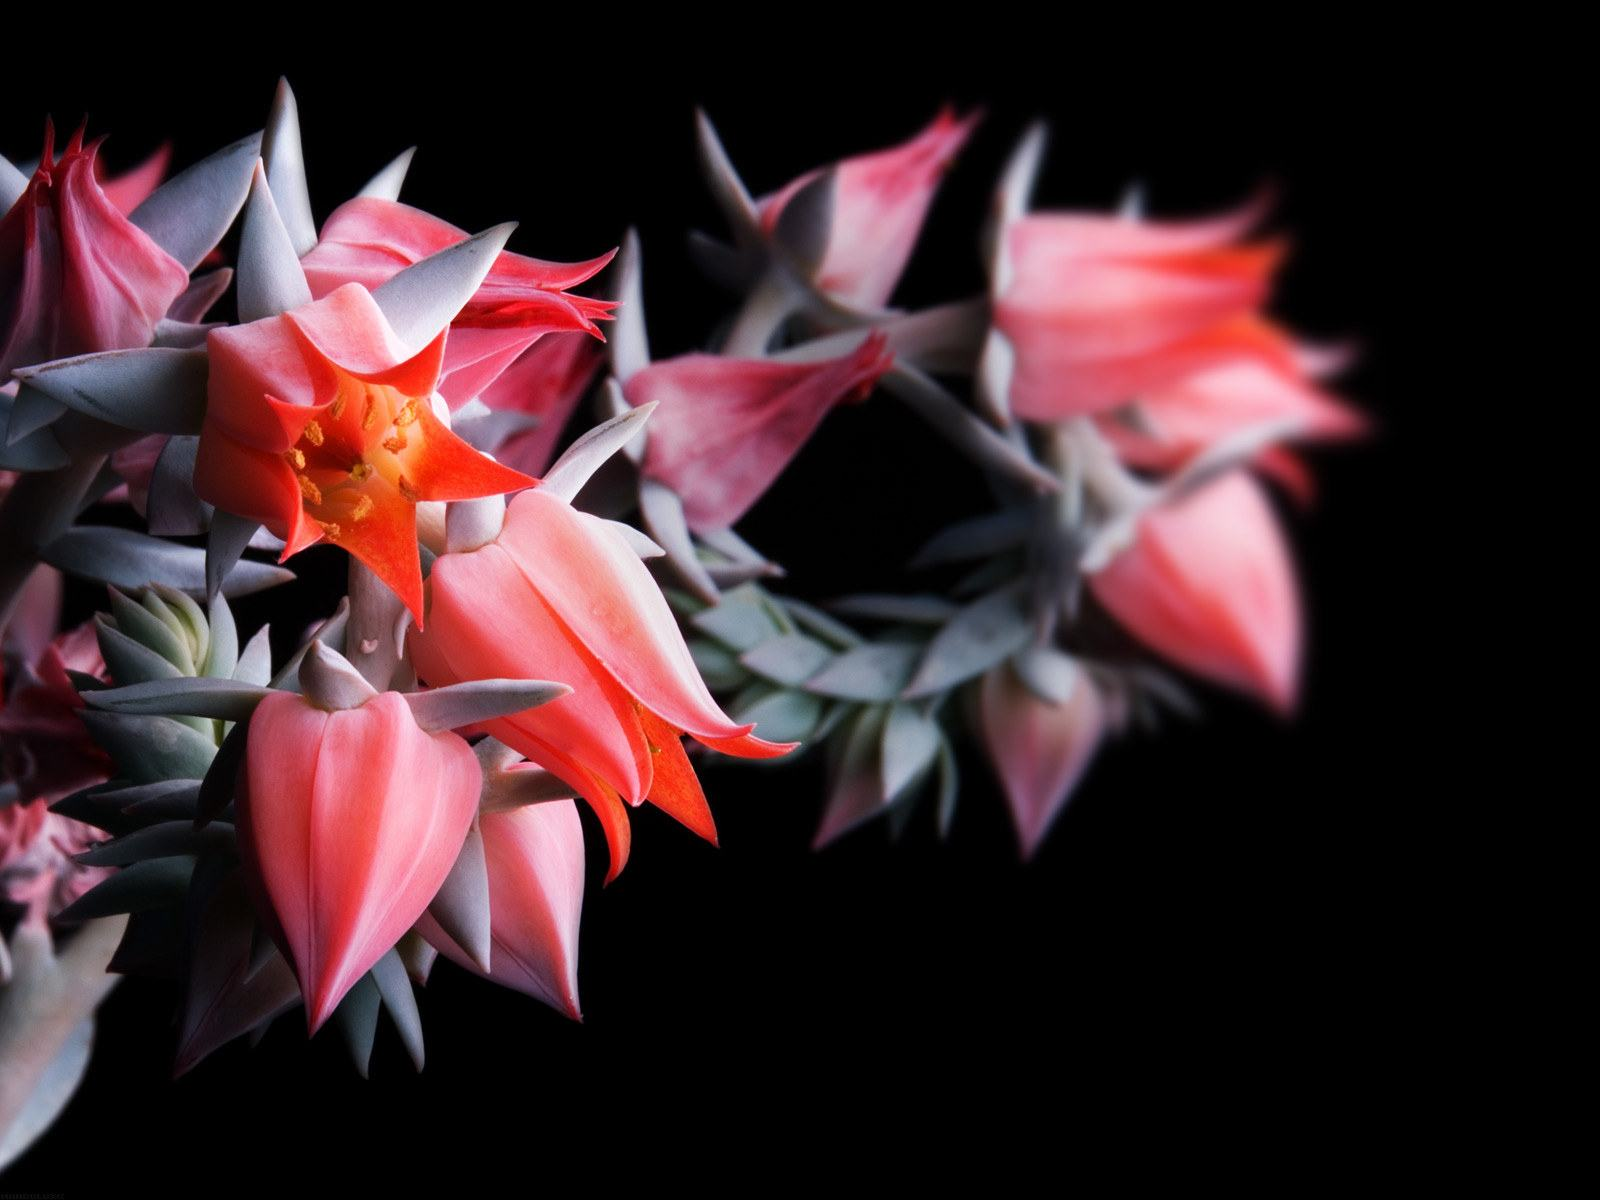 Фото цветок на черном фоне